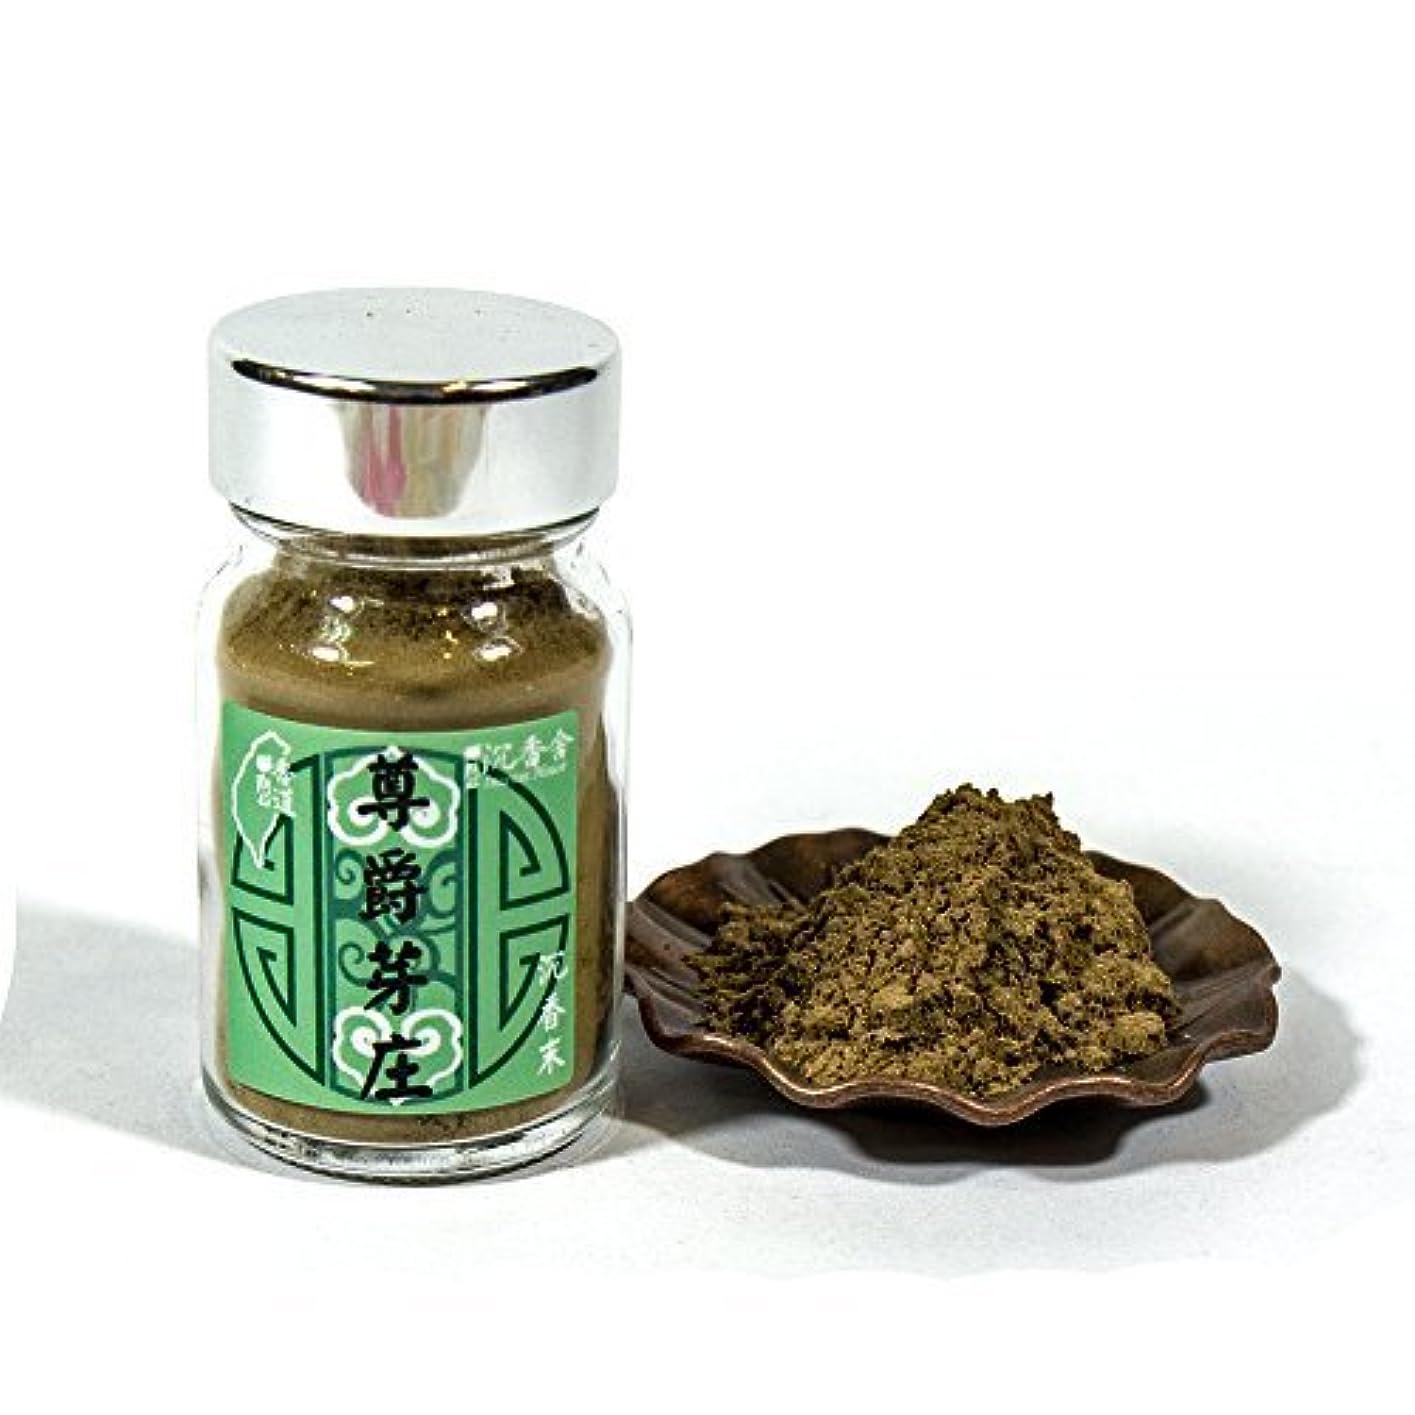 処理する水っぽい闘争Agarwood Aloeswood Top Grade Old Stock NhaTrang Chen Xiang Incense Powder 10g by IncenseHouse - Raw Material [...